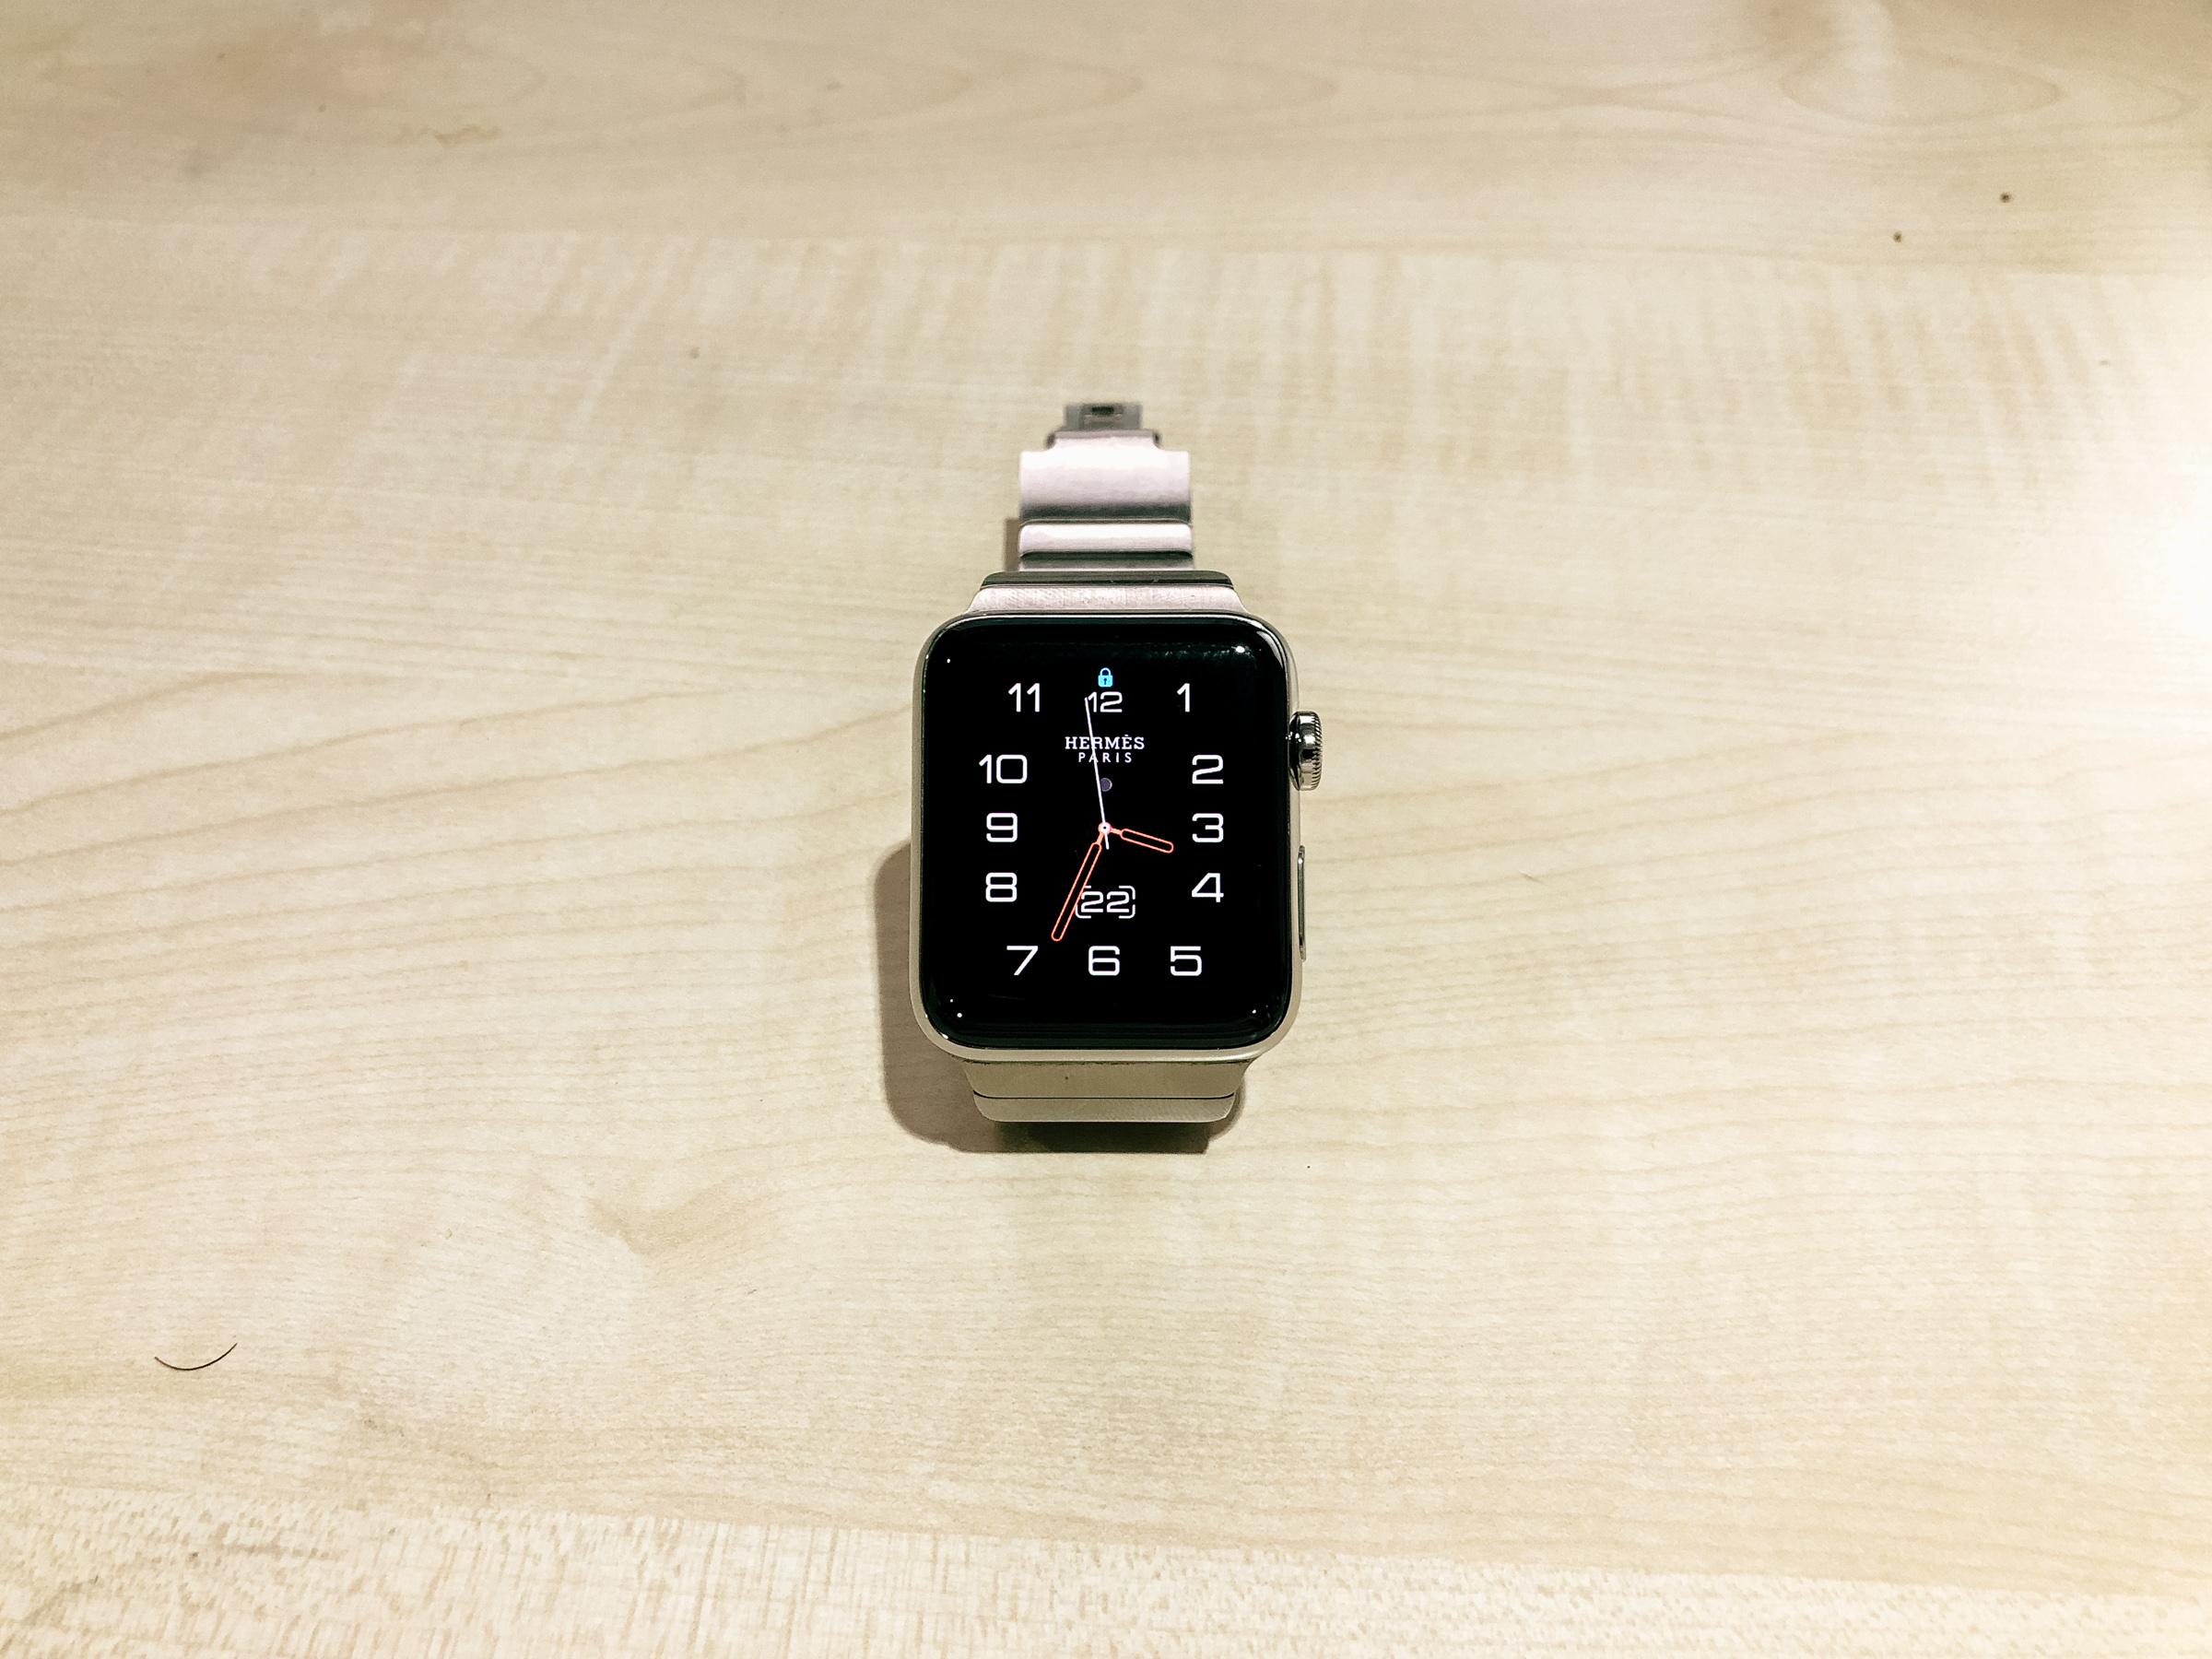 Apple Watch Hermès ステンレススチールケースとヴォー・バレニア(フォーヴ)シンプルトゥールレザーストラップ